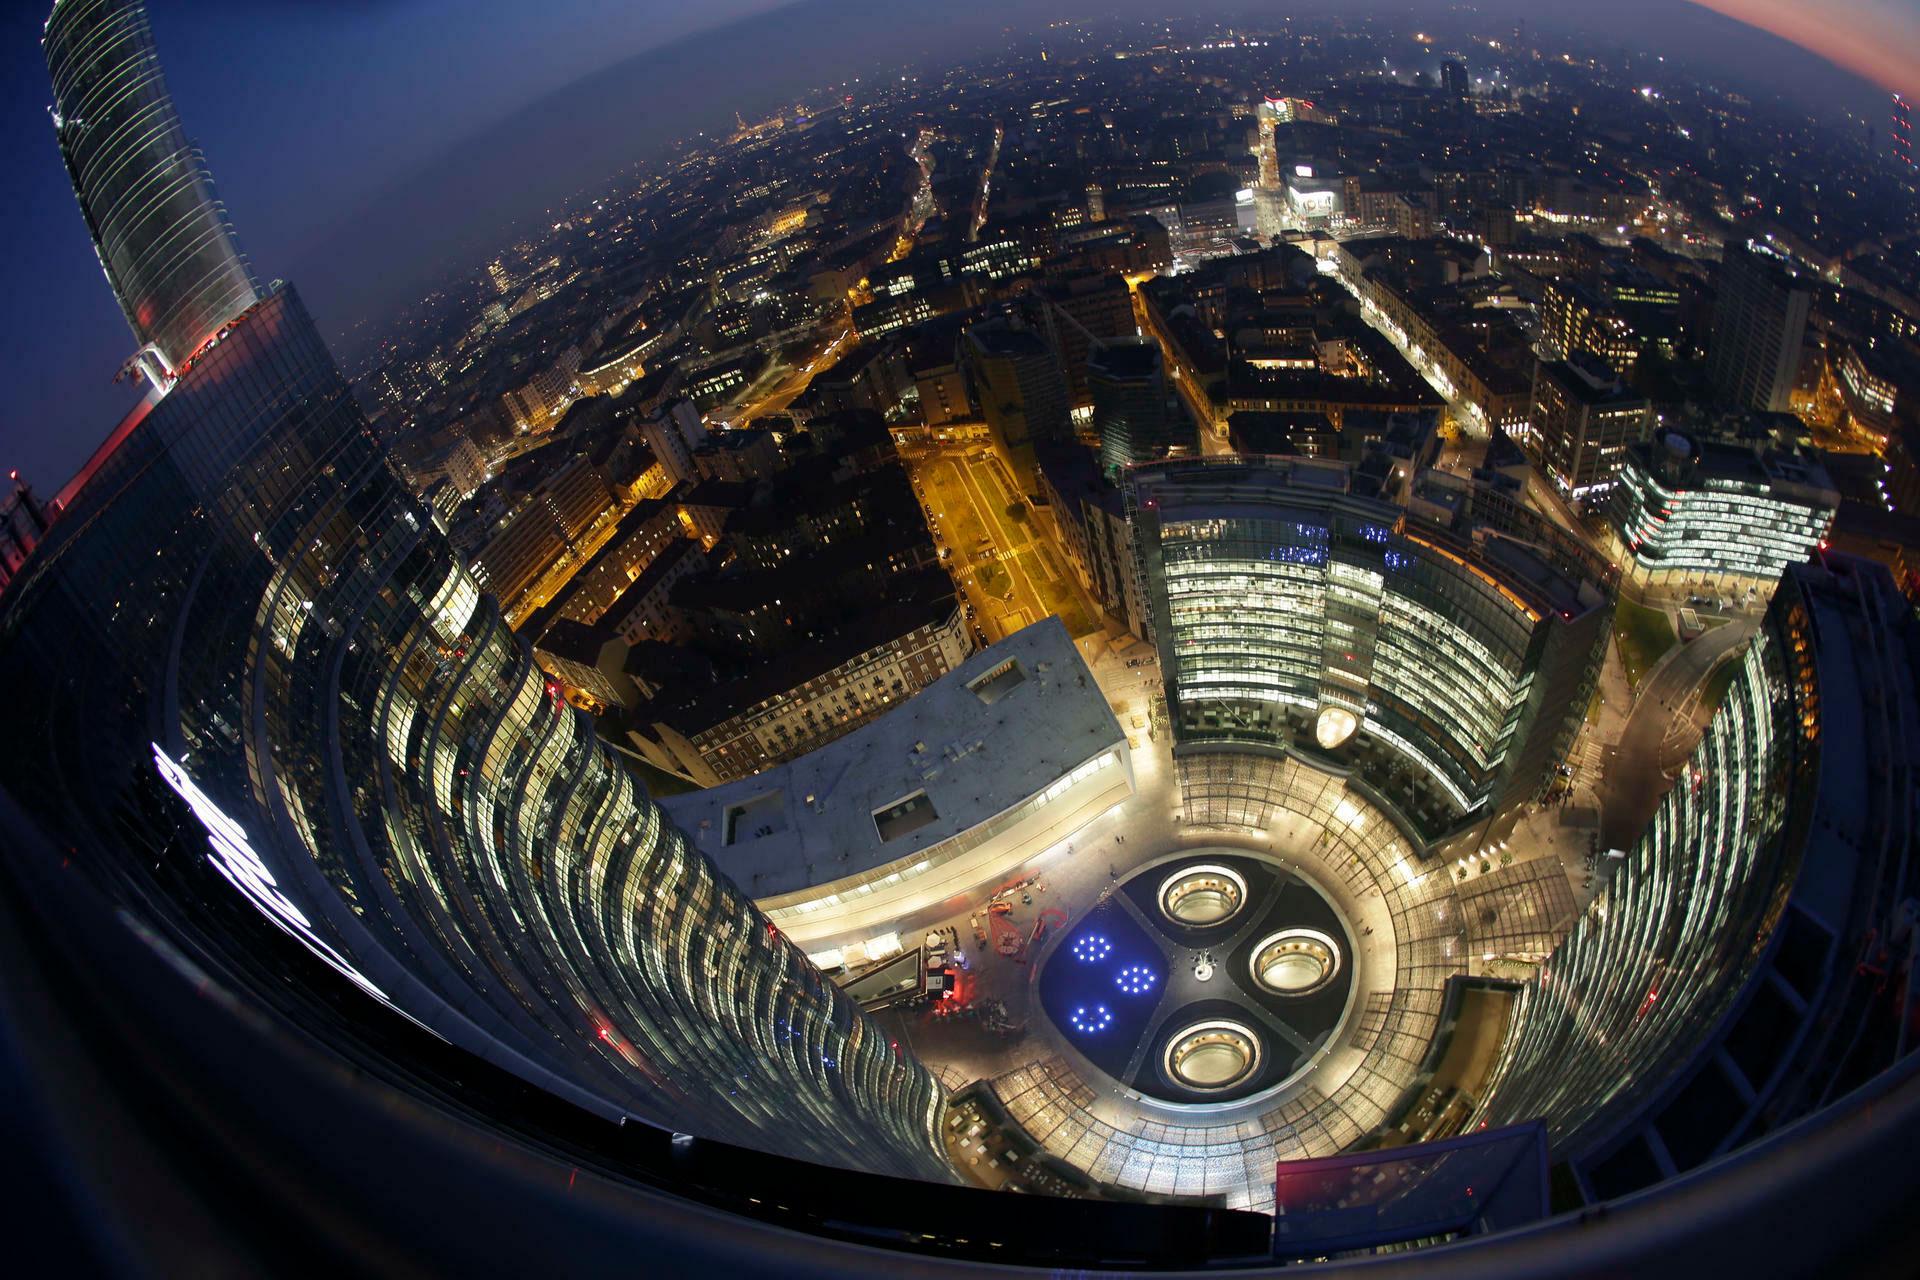 La vista cenital de la Torre Unicredit. La ciudad de Milán de noche